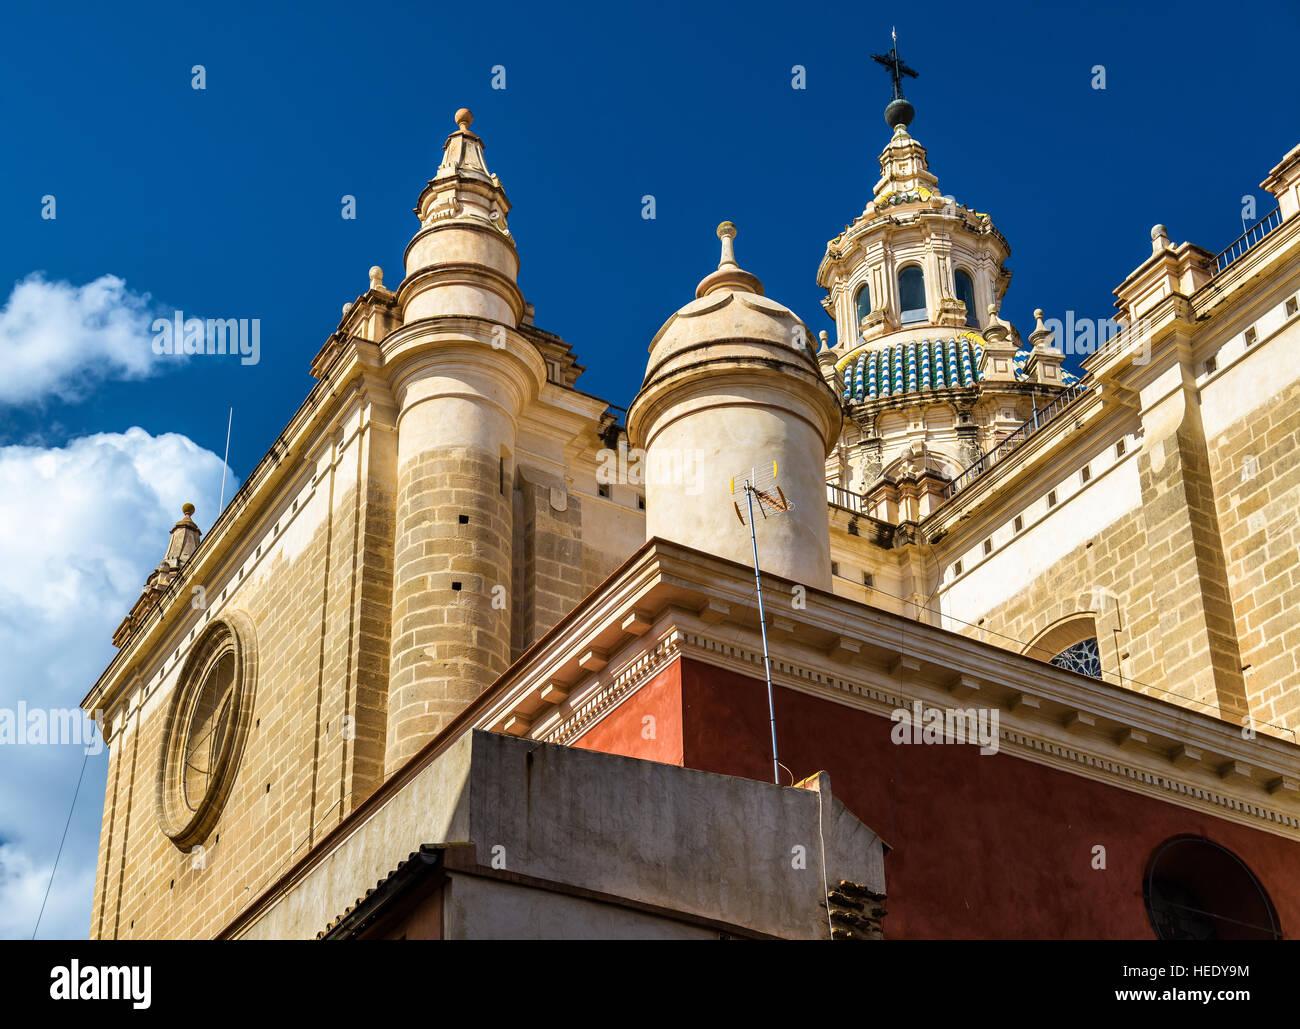 De estilo barroco de la Iglesia del Salvador en Sevilla, España. Imagen De Stock